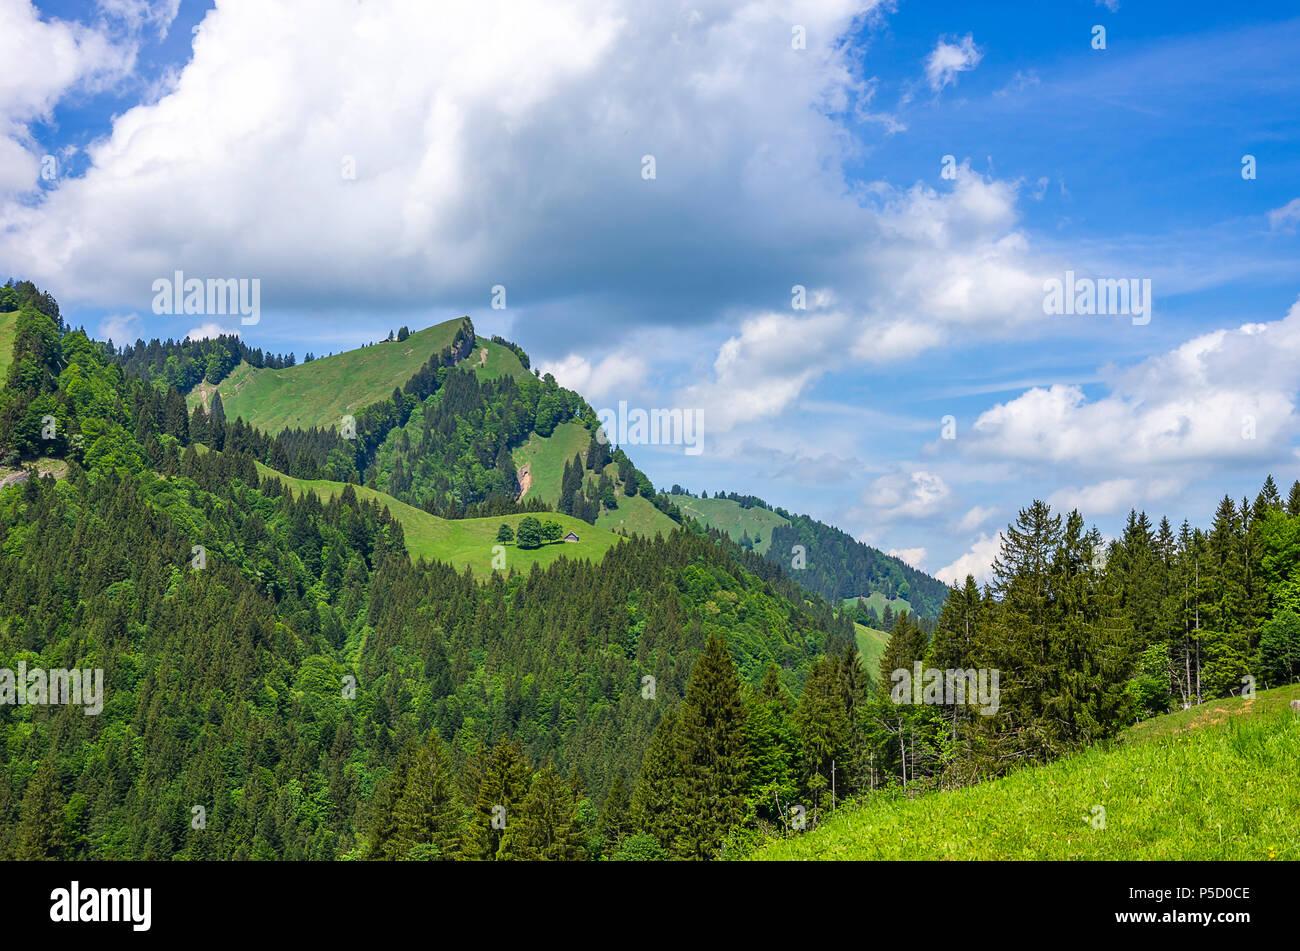 Berglandschaft in den Schweizer Alpen in der Nähe von Urnäsch und Schwägalp, Kanton Appenzell Ausserrhoden, Schweiz. Stockfoto